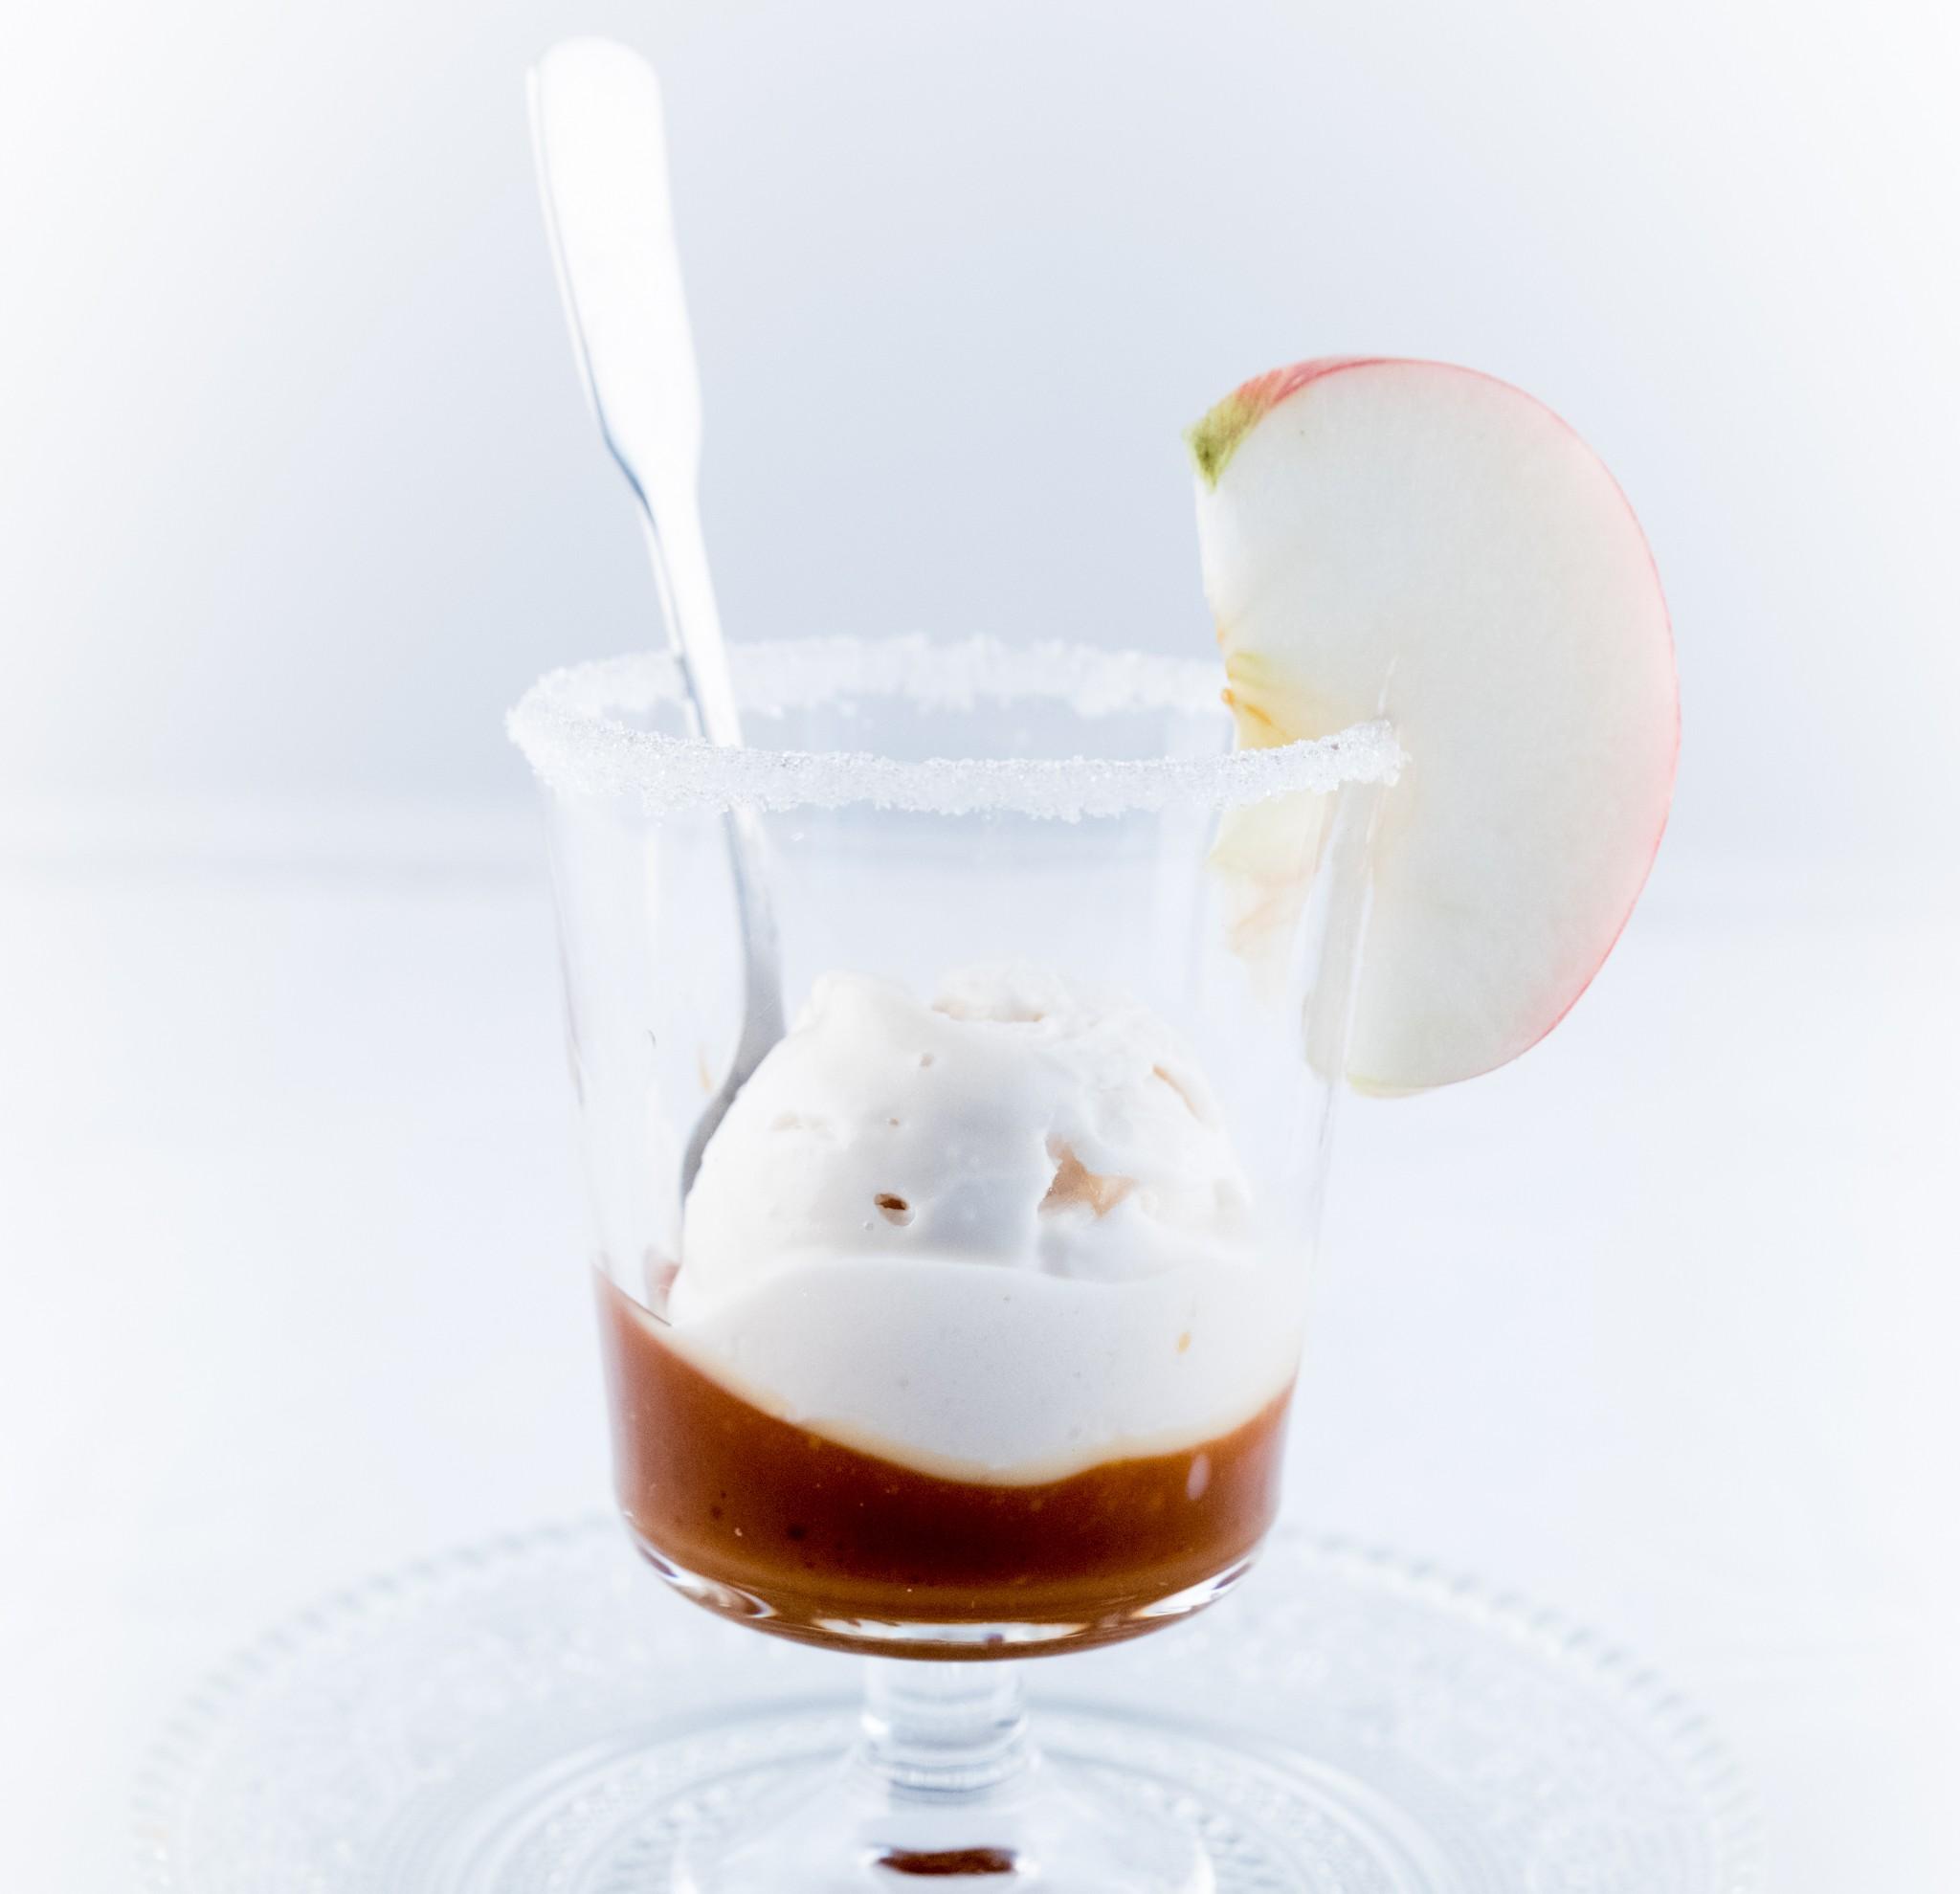 Sorbet Pomme et Poire d'Azay le Rideau sur son lit de Caramel au beurre salé